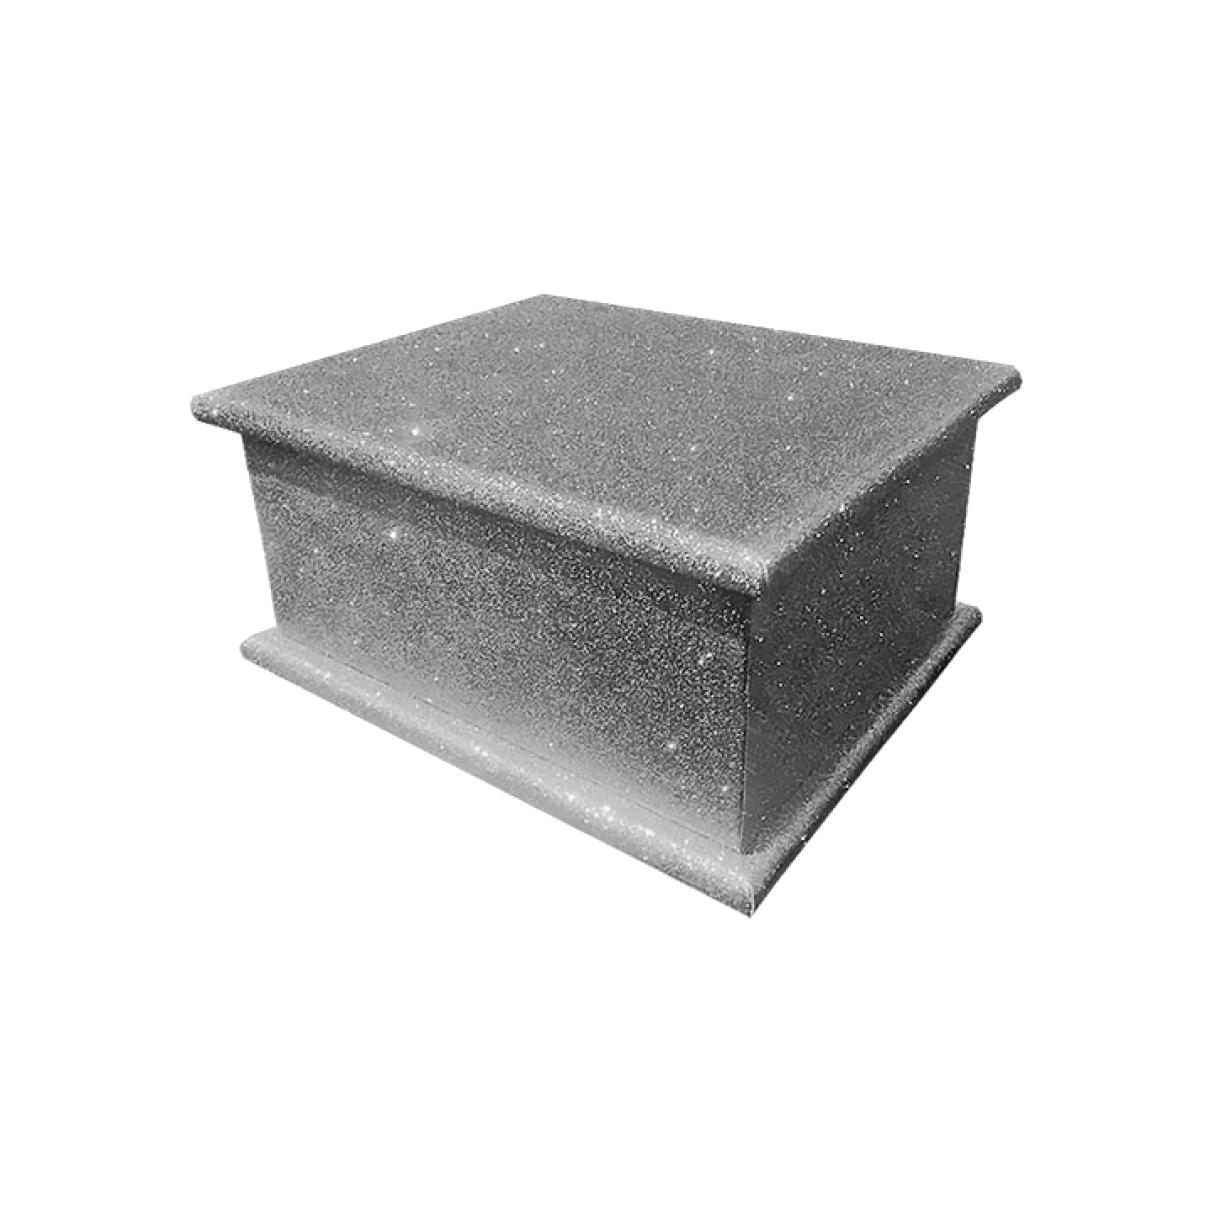 Glitter Adult Ashes Casket – Gun Metal Grey